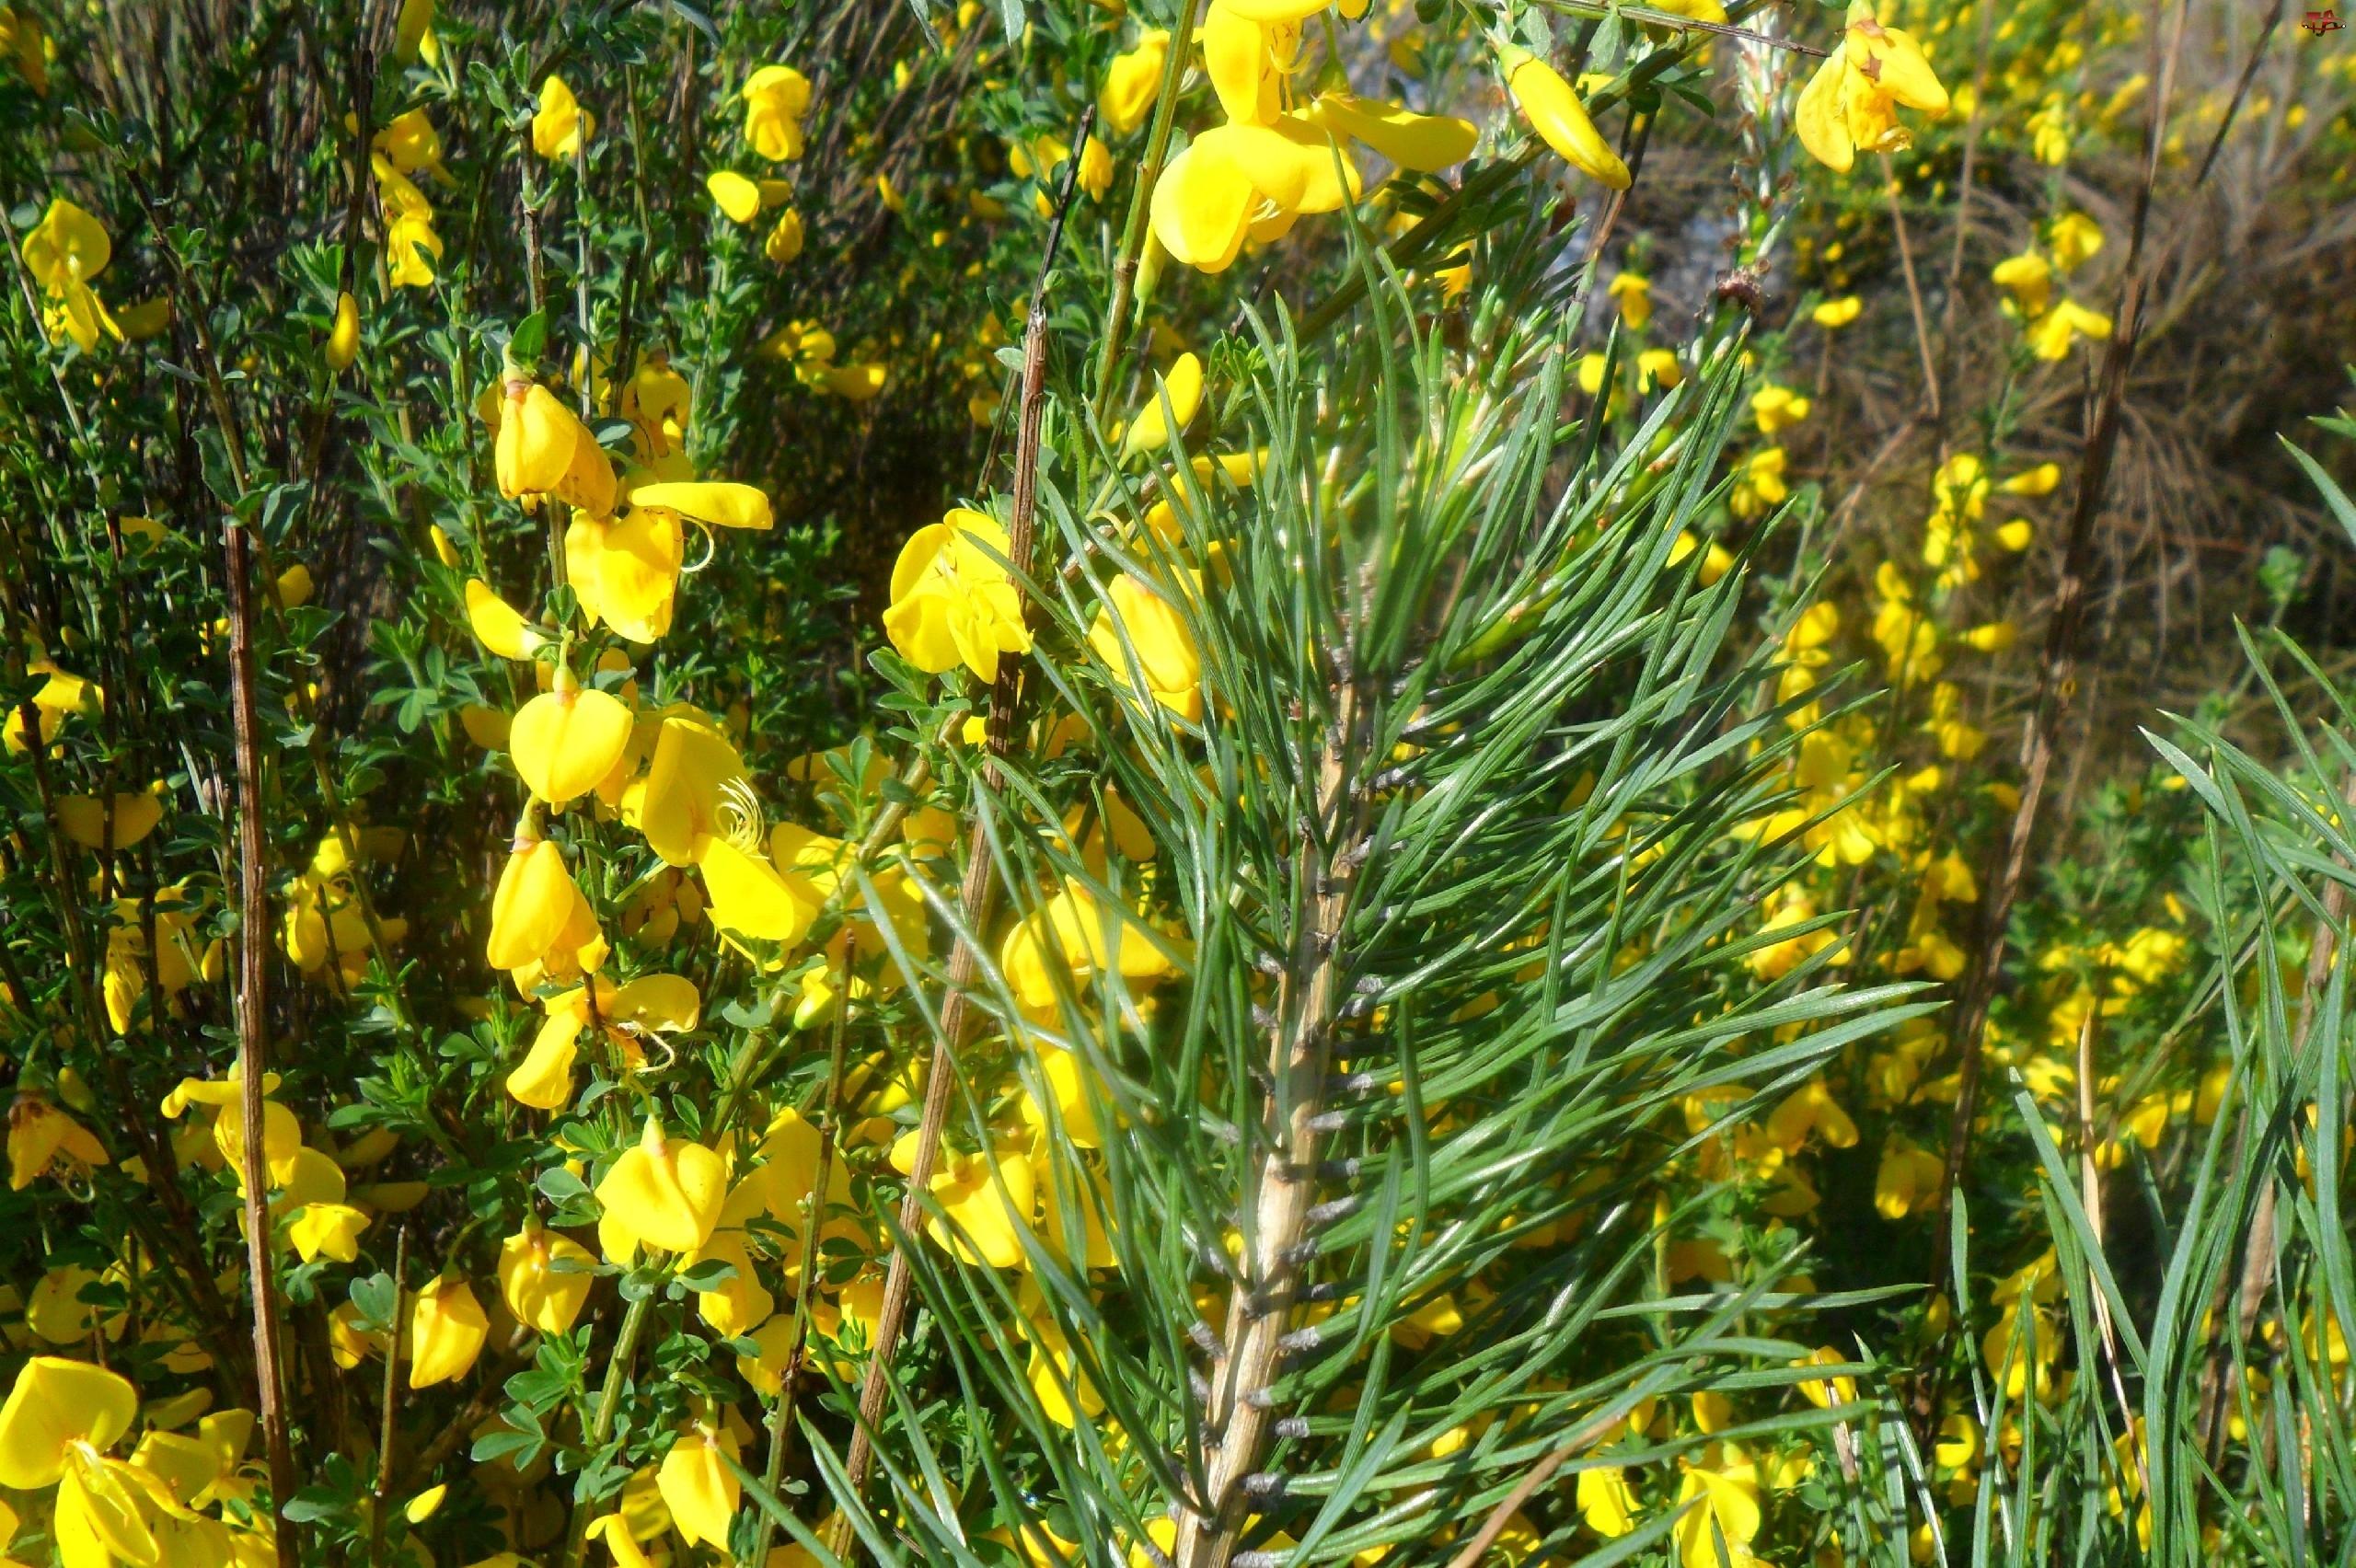 Gałązka, Kwiaty, Sosny, Żółte